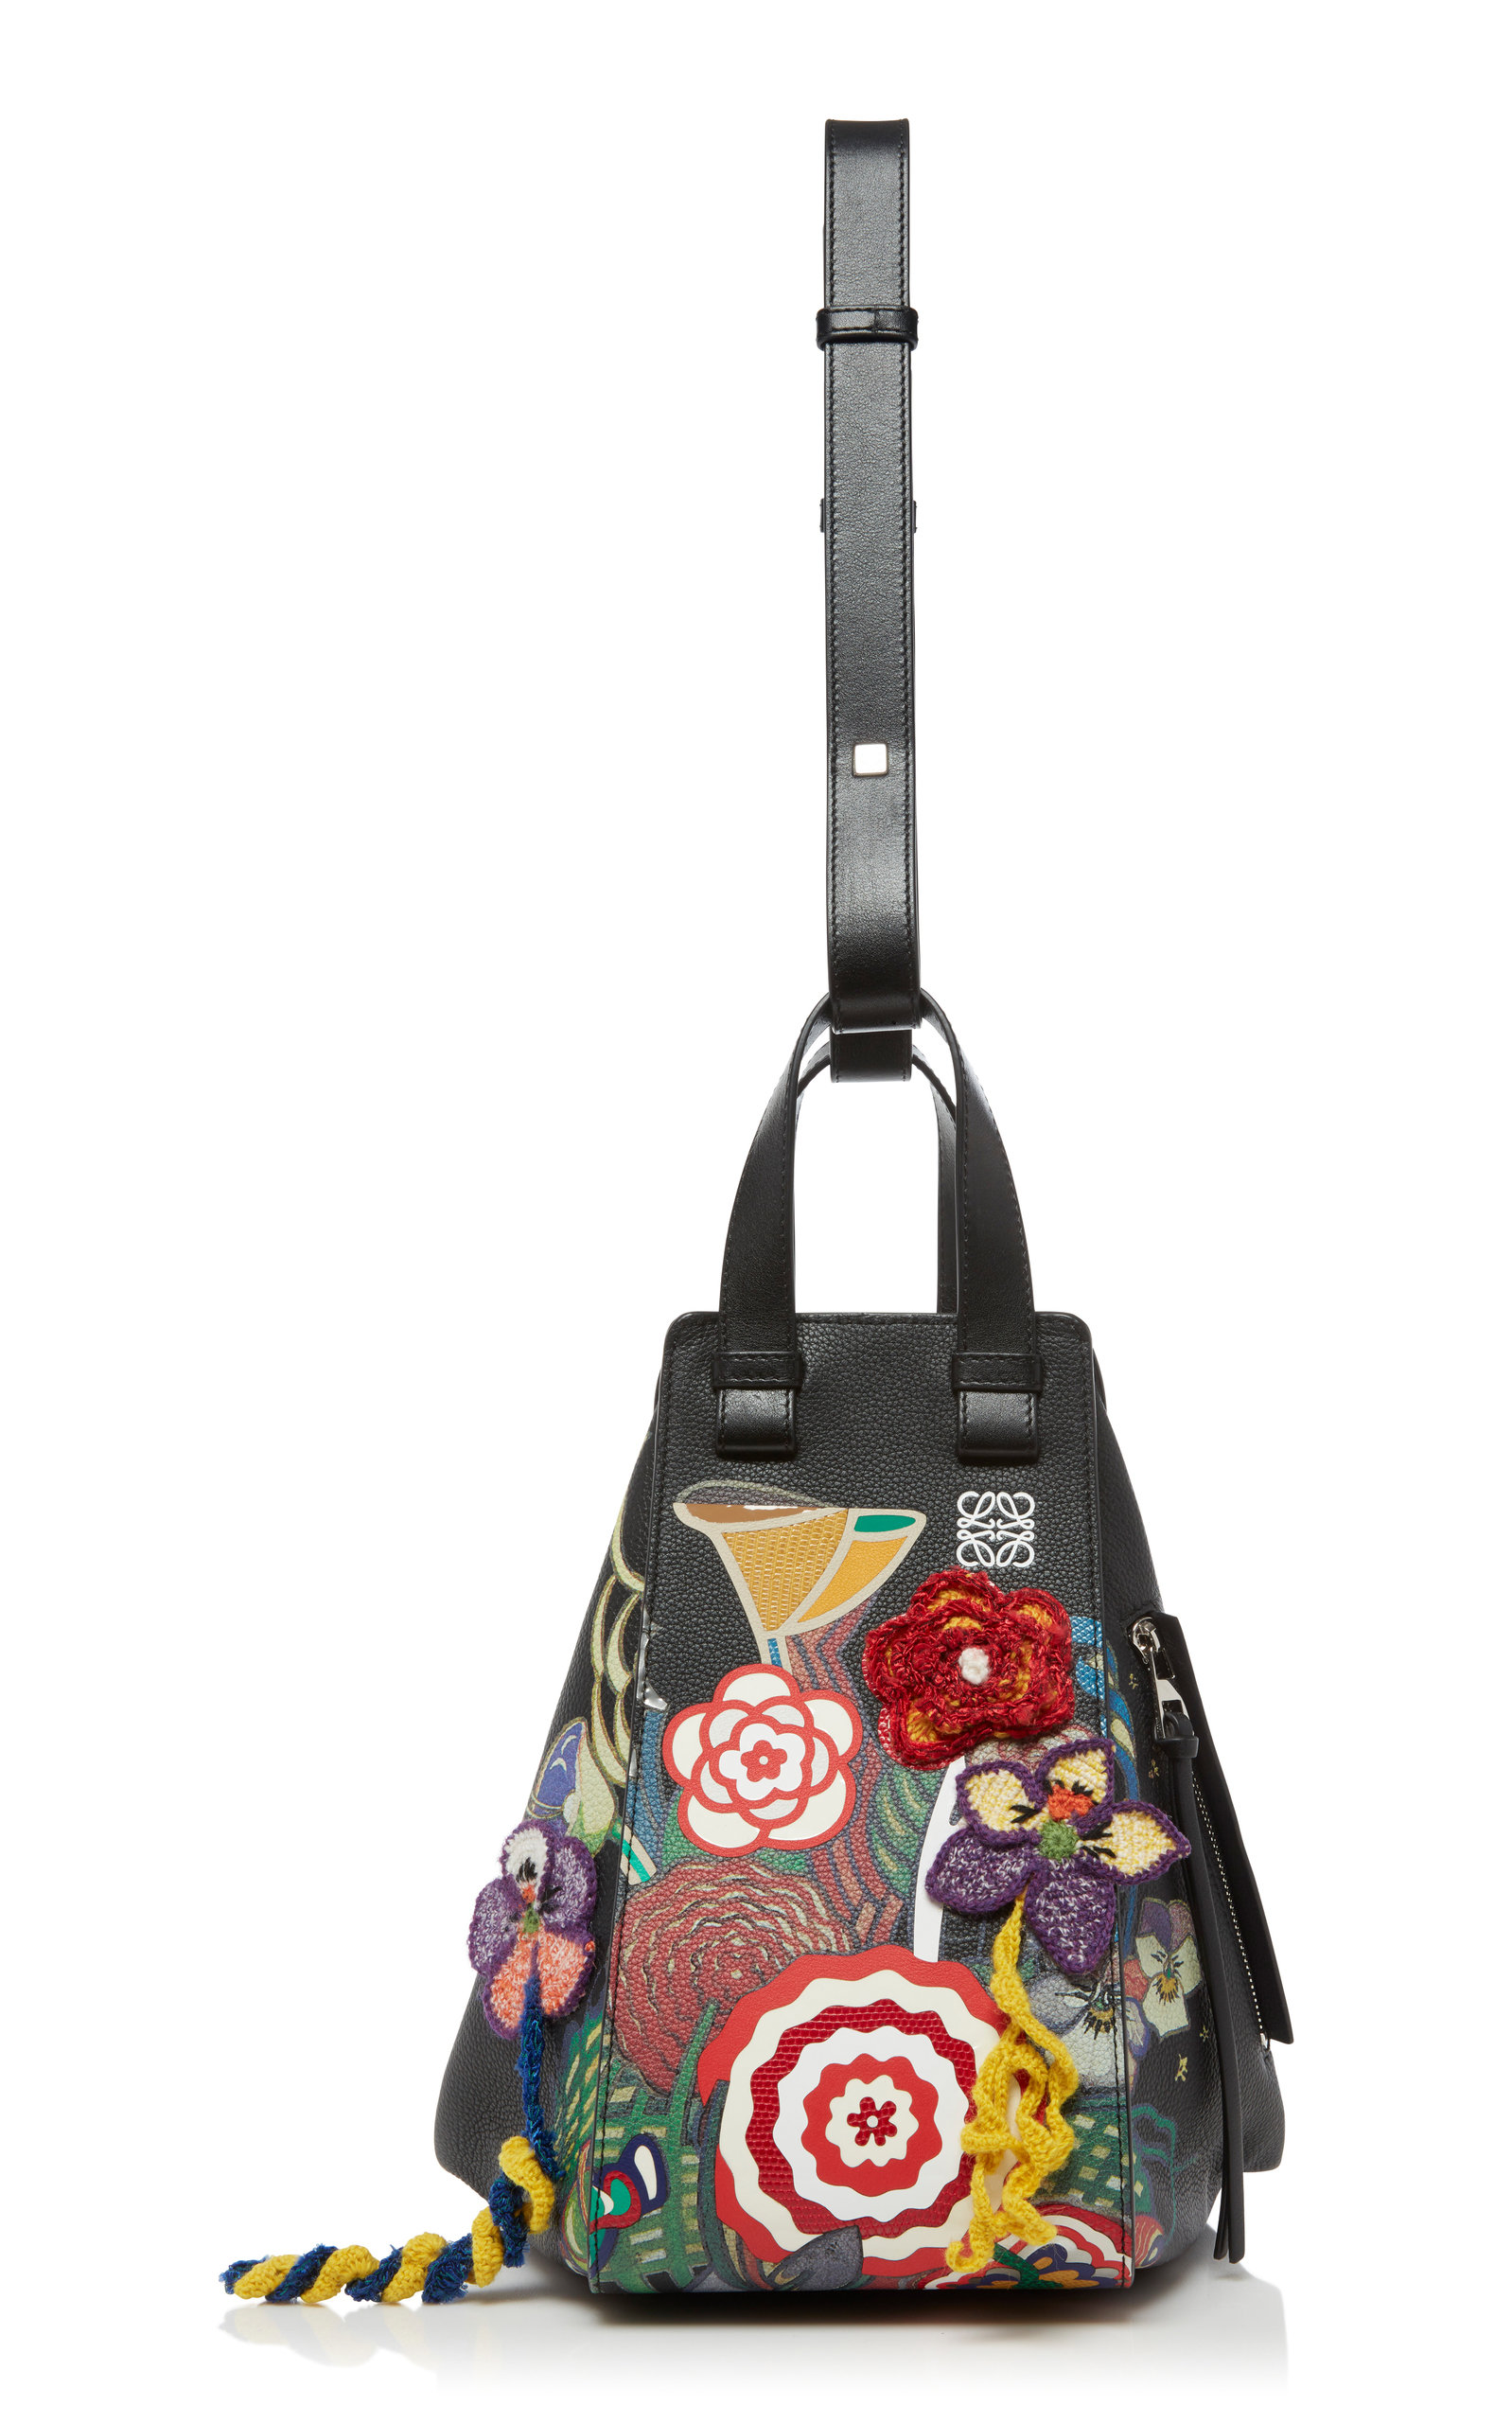 Loewe   Loewe Hammock Medium Floral-Embellished Leather Bag   Clouty